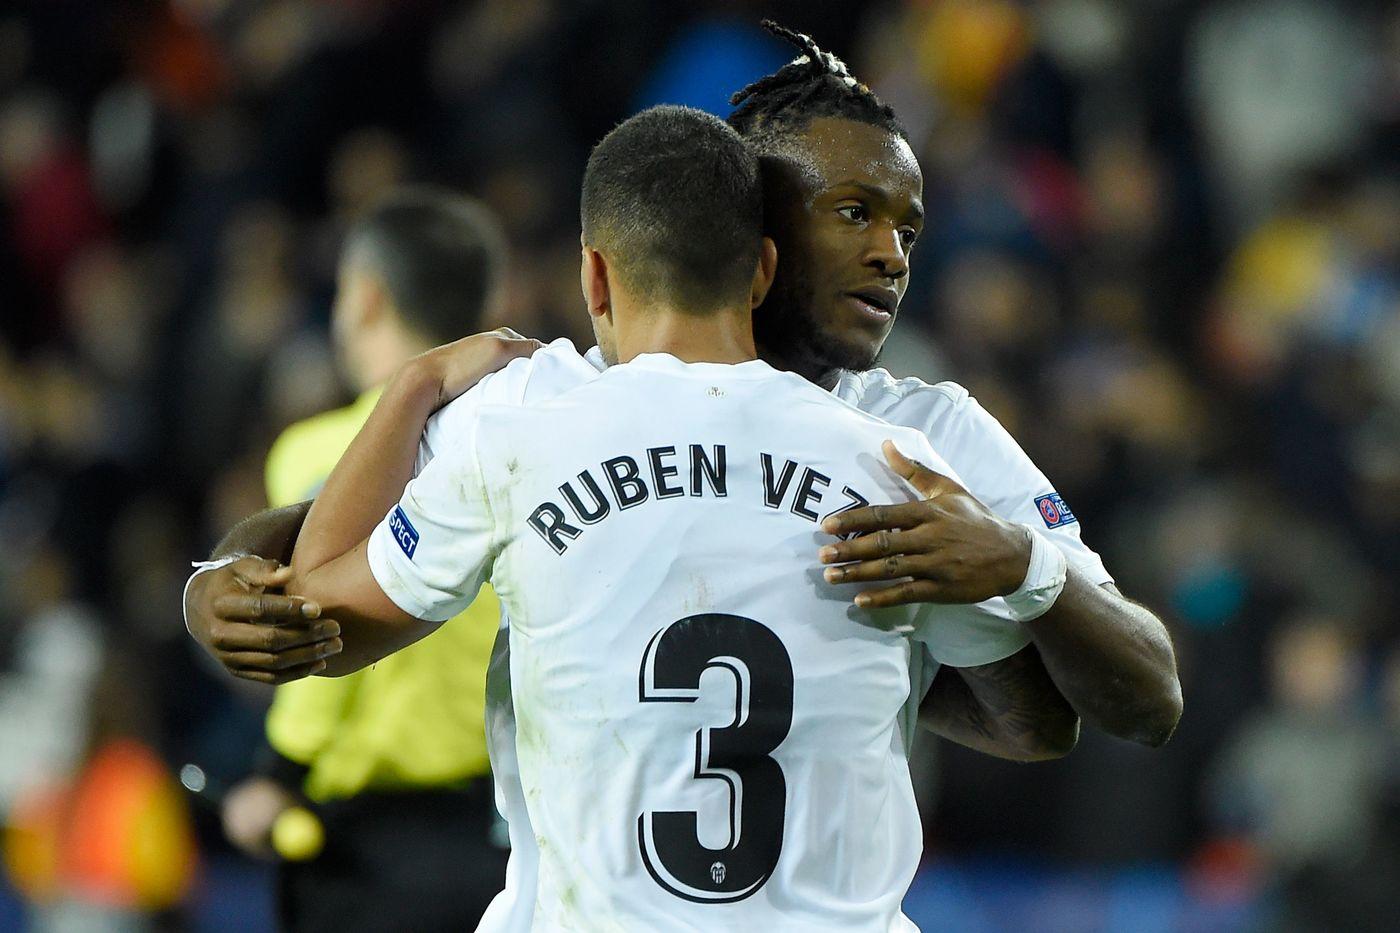 Copa del Rey, Valencia-Sporting Gijon martedì 15 gennaio: analisi e pronostico del ritorno degli ottavi della coppa nazionale spagnola